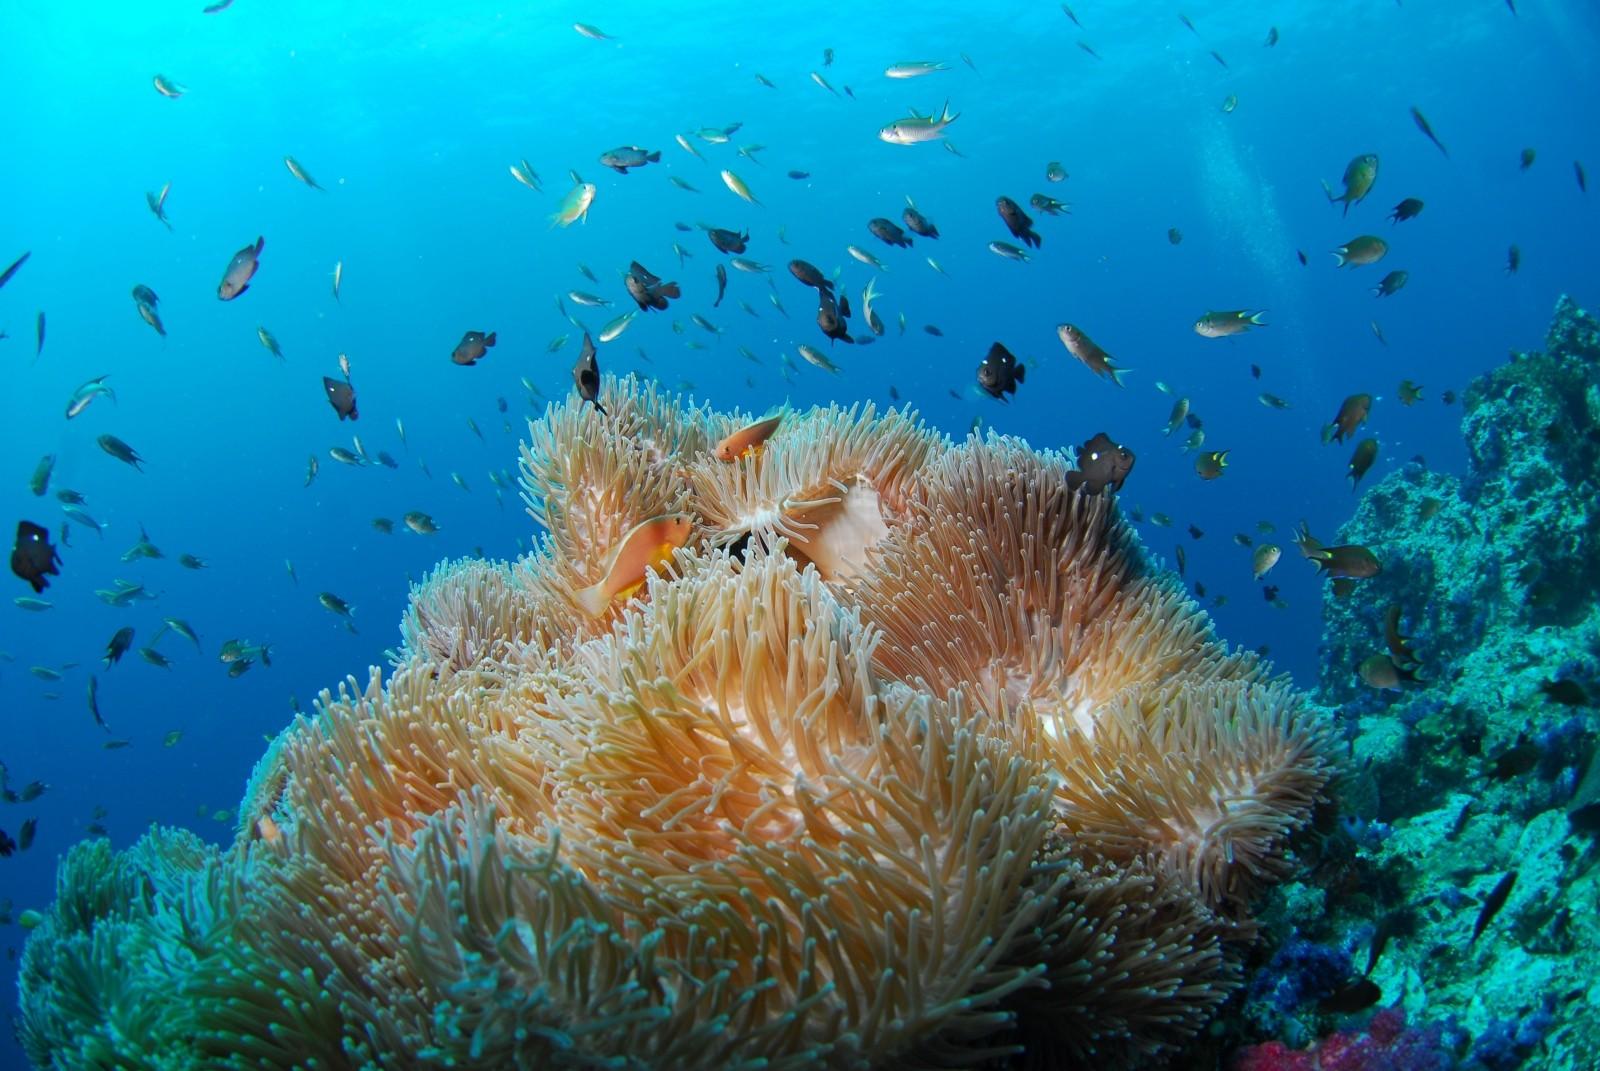 Une photographie libre de droit de vie aquatique (CC)